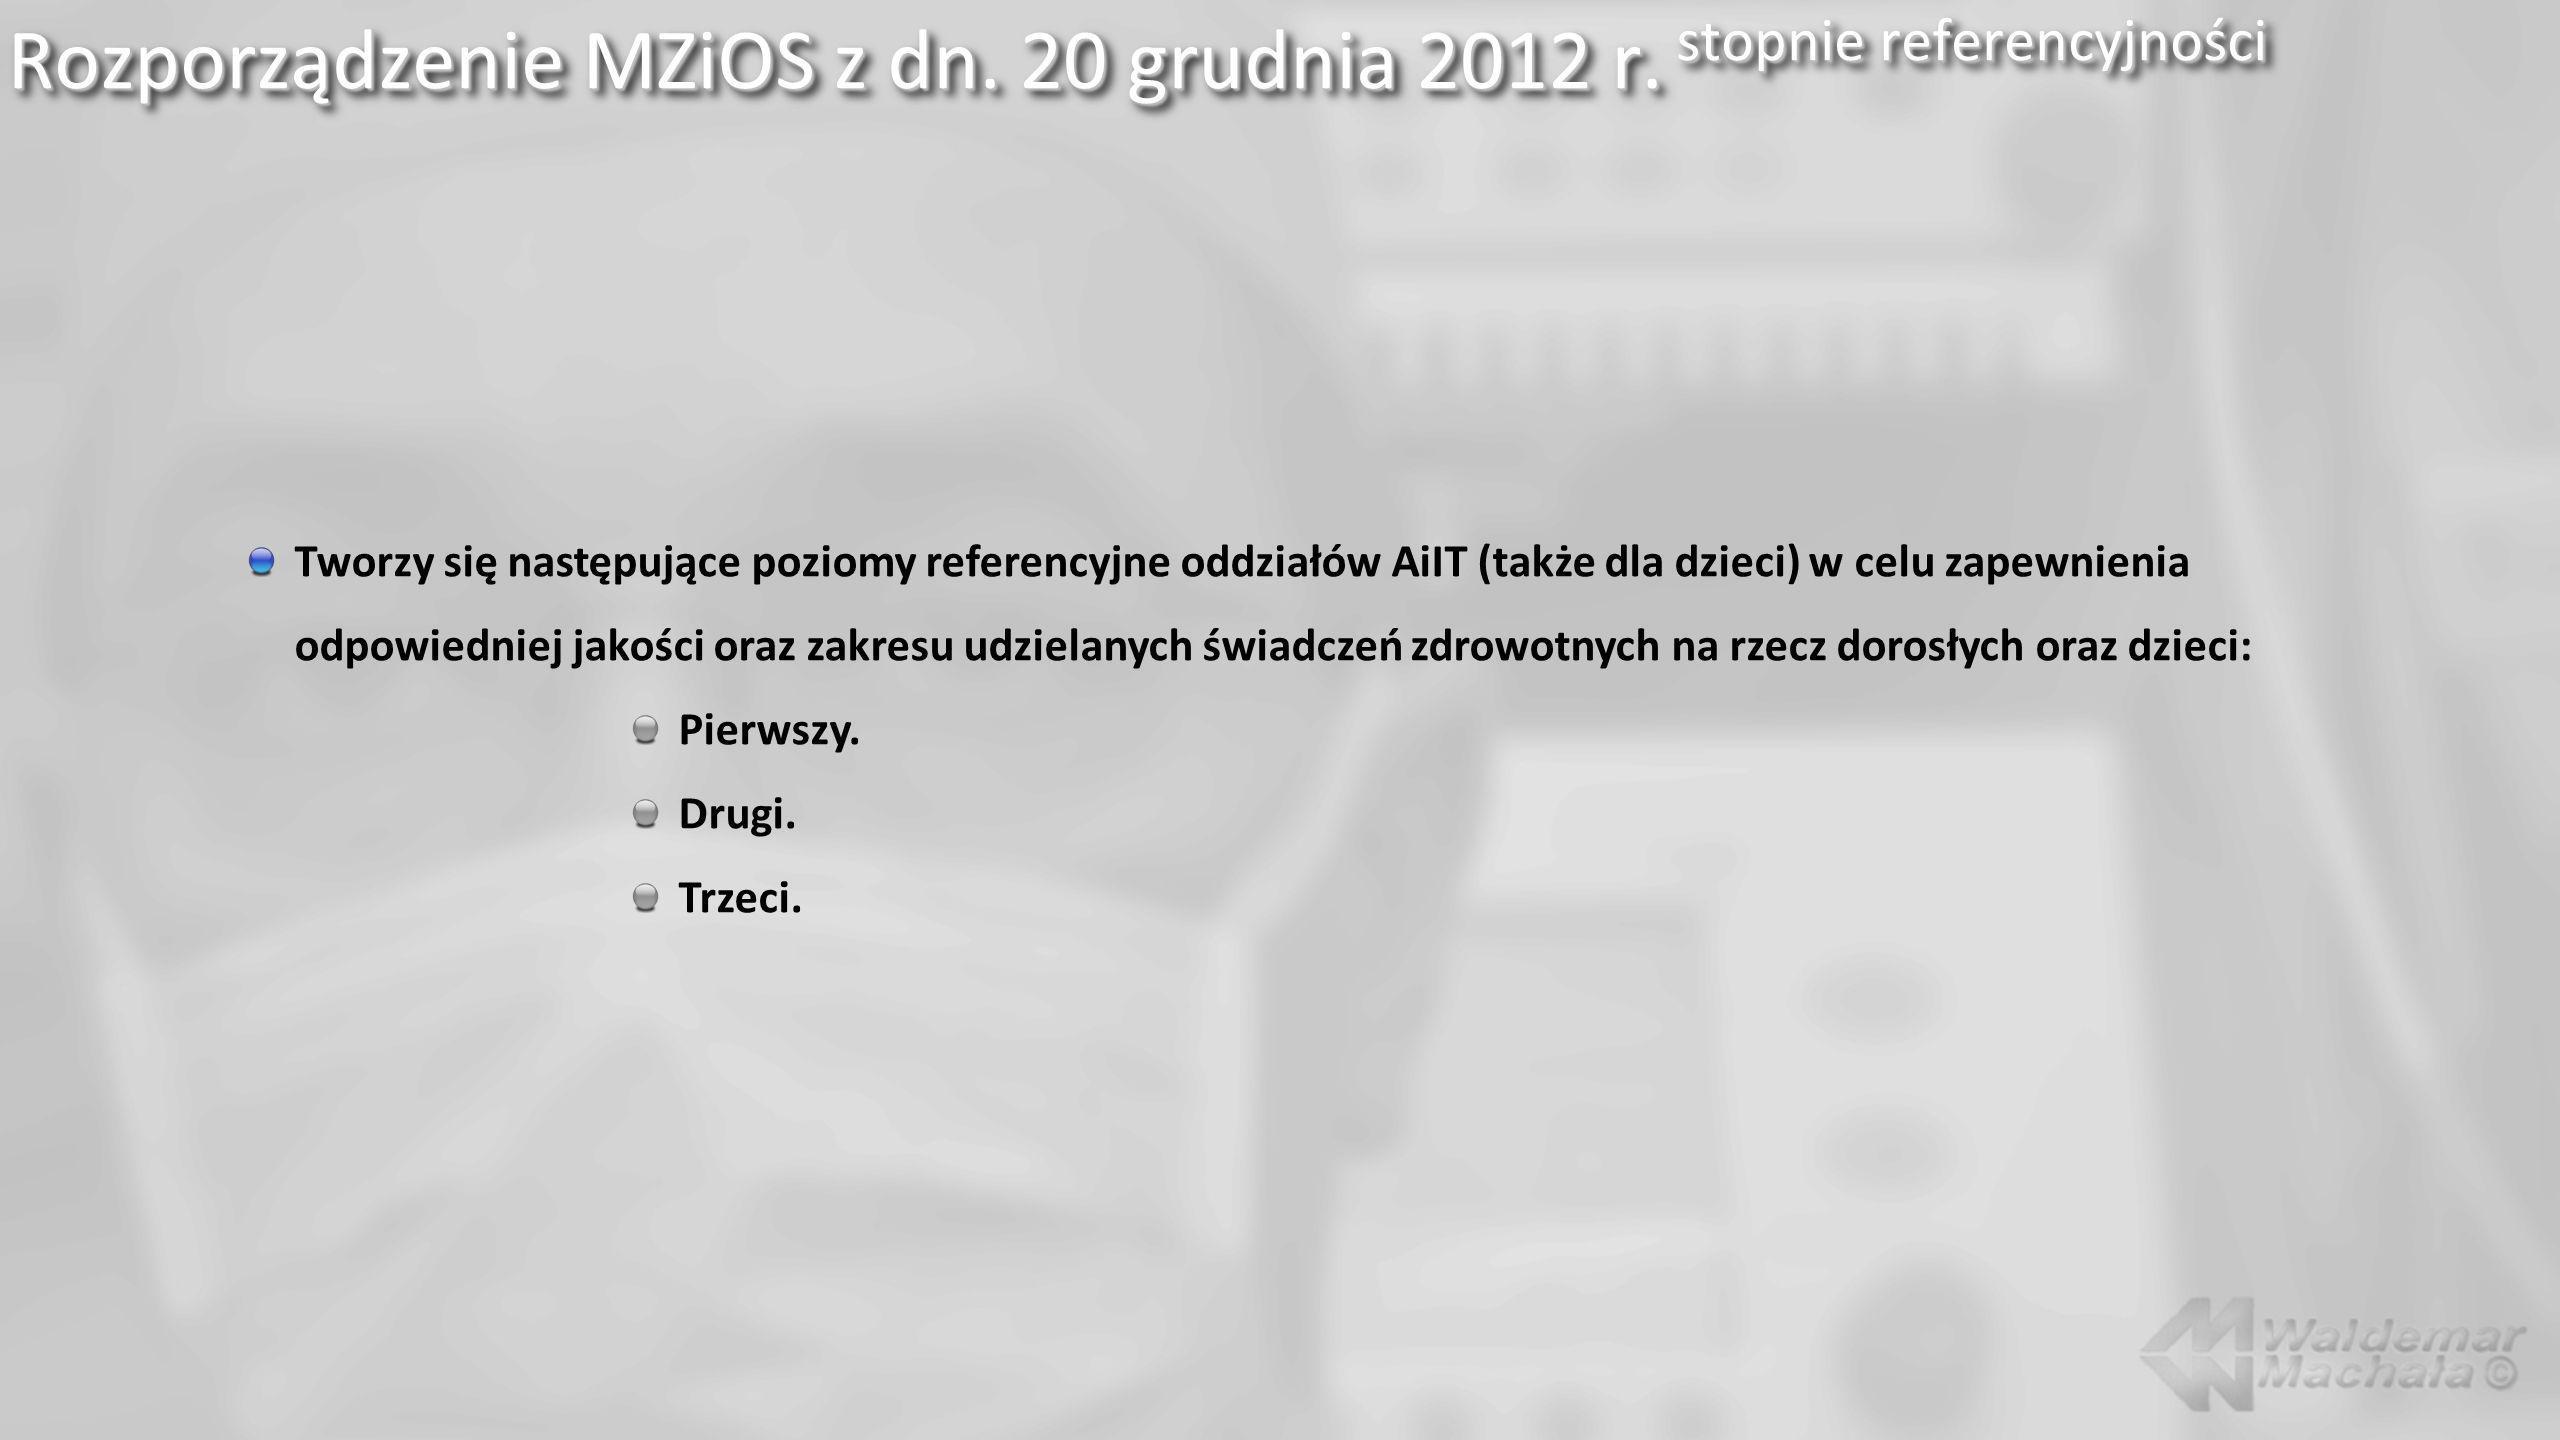 Rozporządzenie MZiOS z dn. 20 grudnia 2012 r. stopnie referencyjności